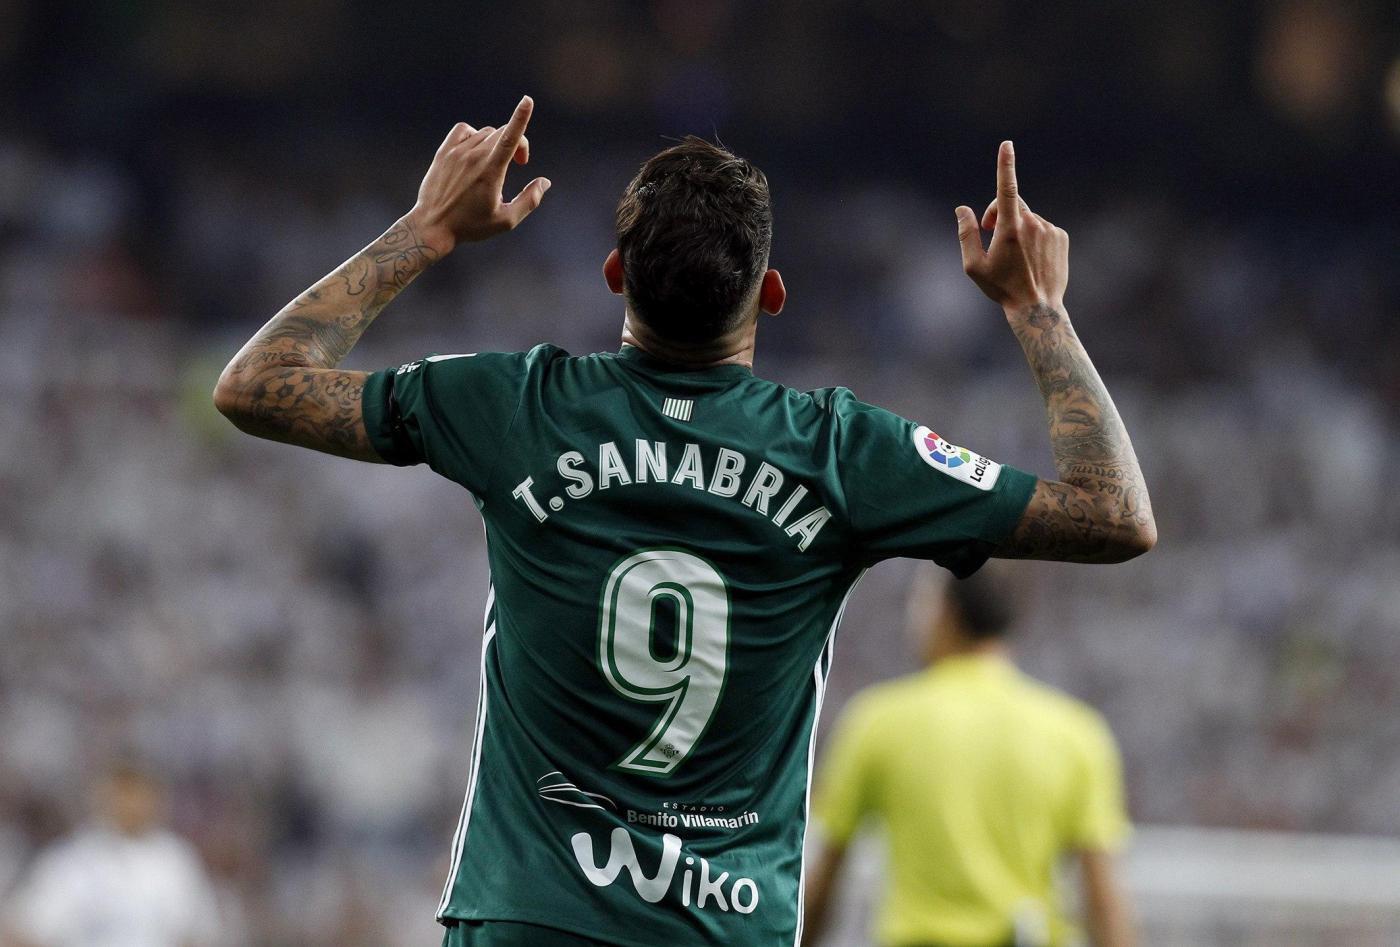 Copa del Rey, Santander-Betis Siviglia giovedì 1 novembre: analisi e pronostico dell'andata dei 16esimi di finale della manifestazione spagnola